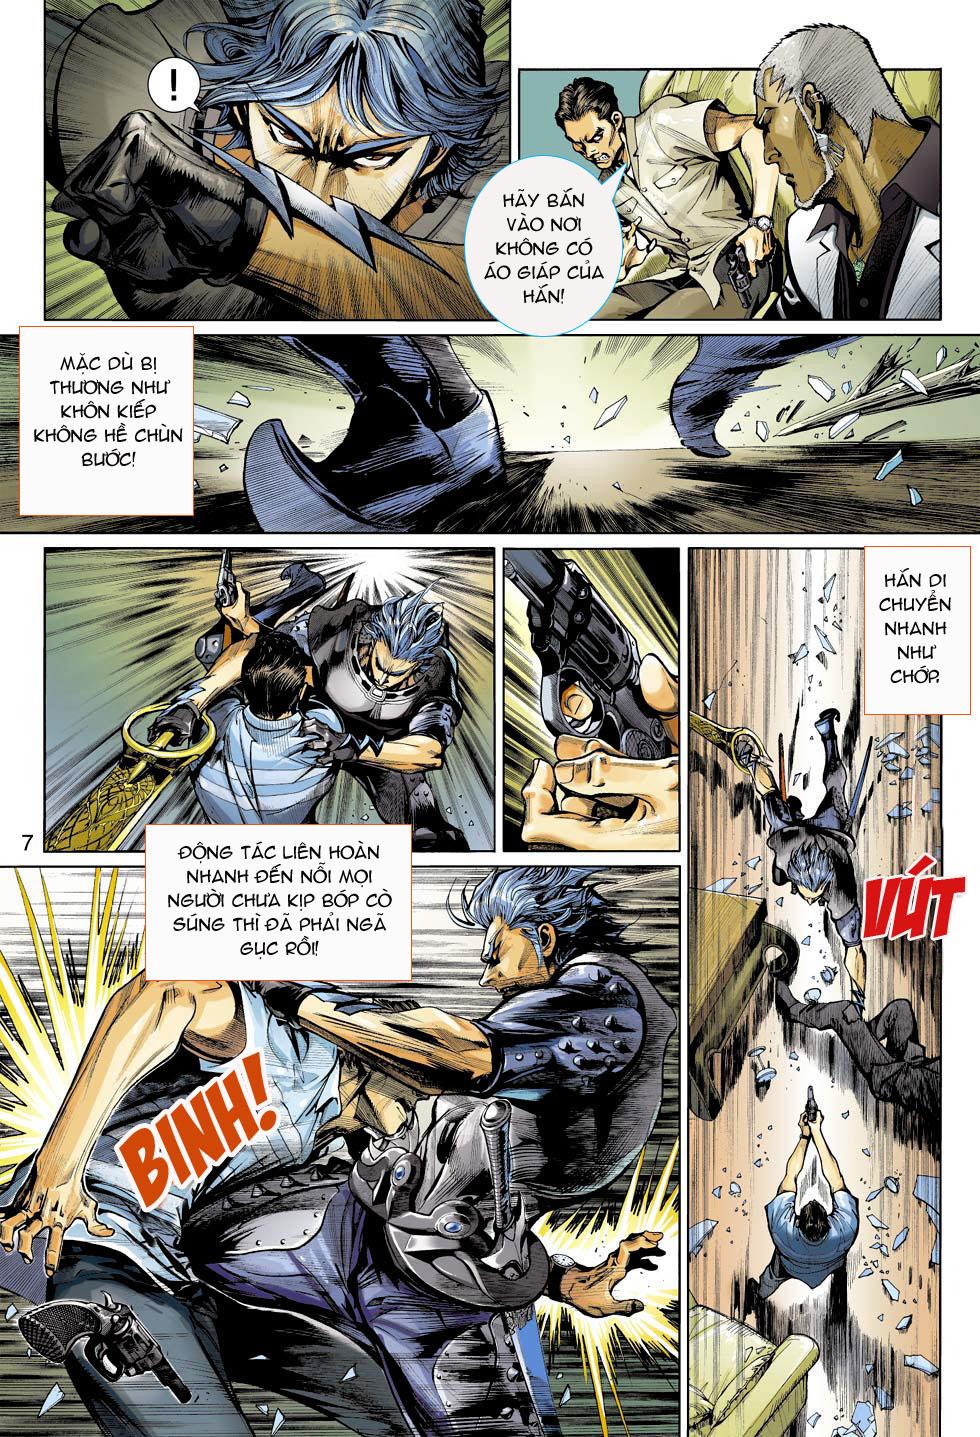 Thần Binh 4 chap 3 - Trang 7